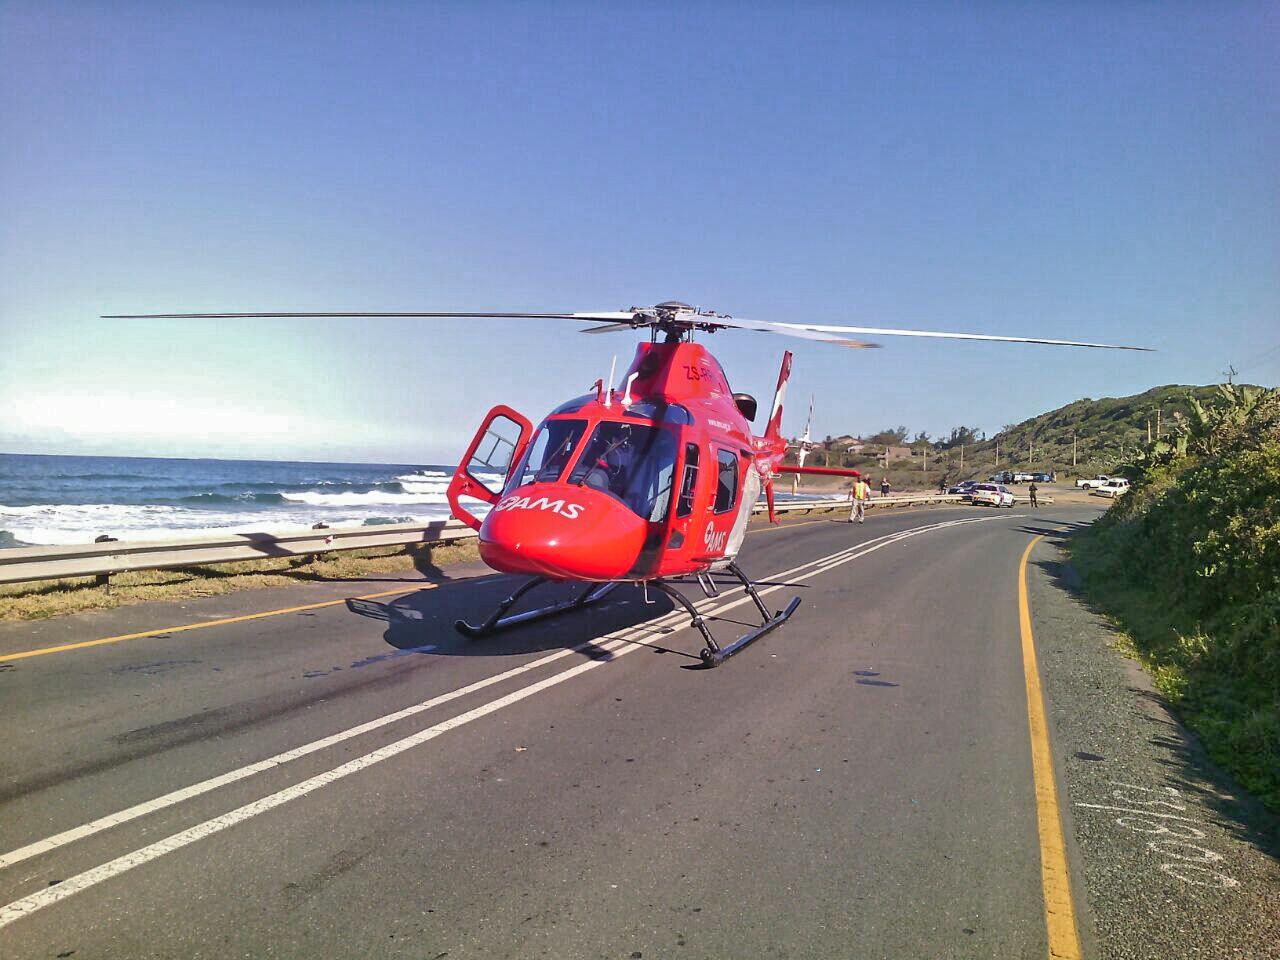 Road crash victim airlifted from crash at Umkomaas